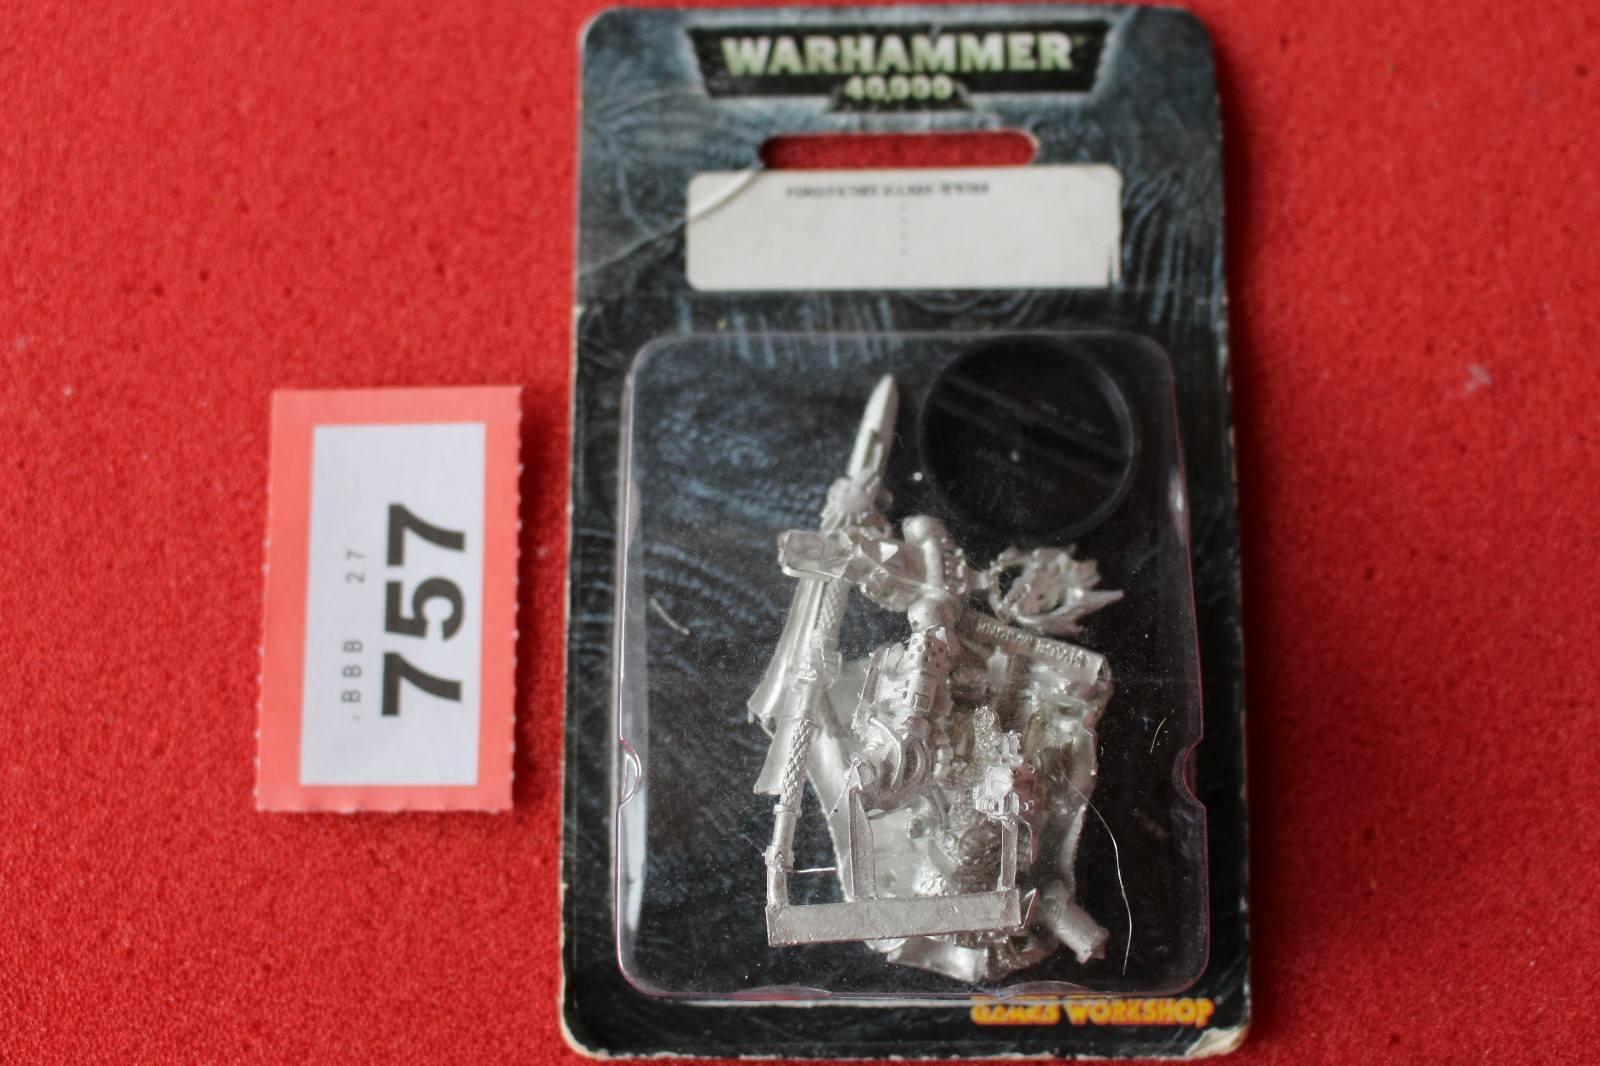 Juegos taller Warhammer 40k salamandras Forge padre Vulkan Hestan Metal Nuevo GW